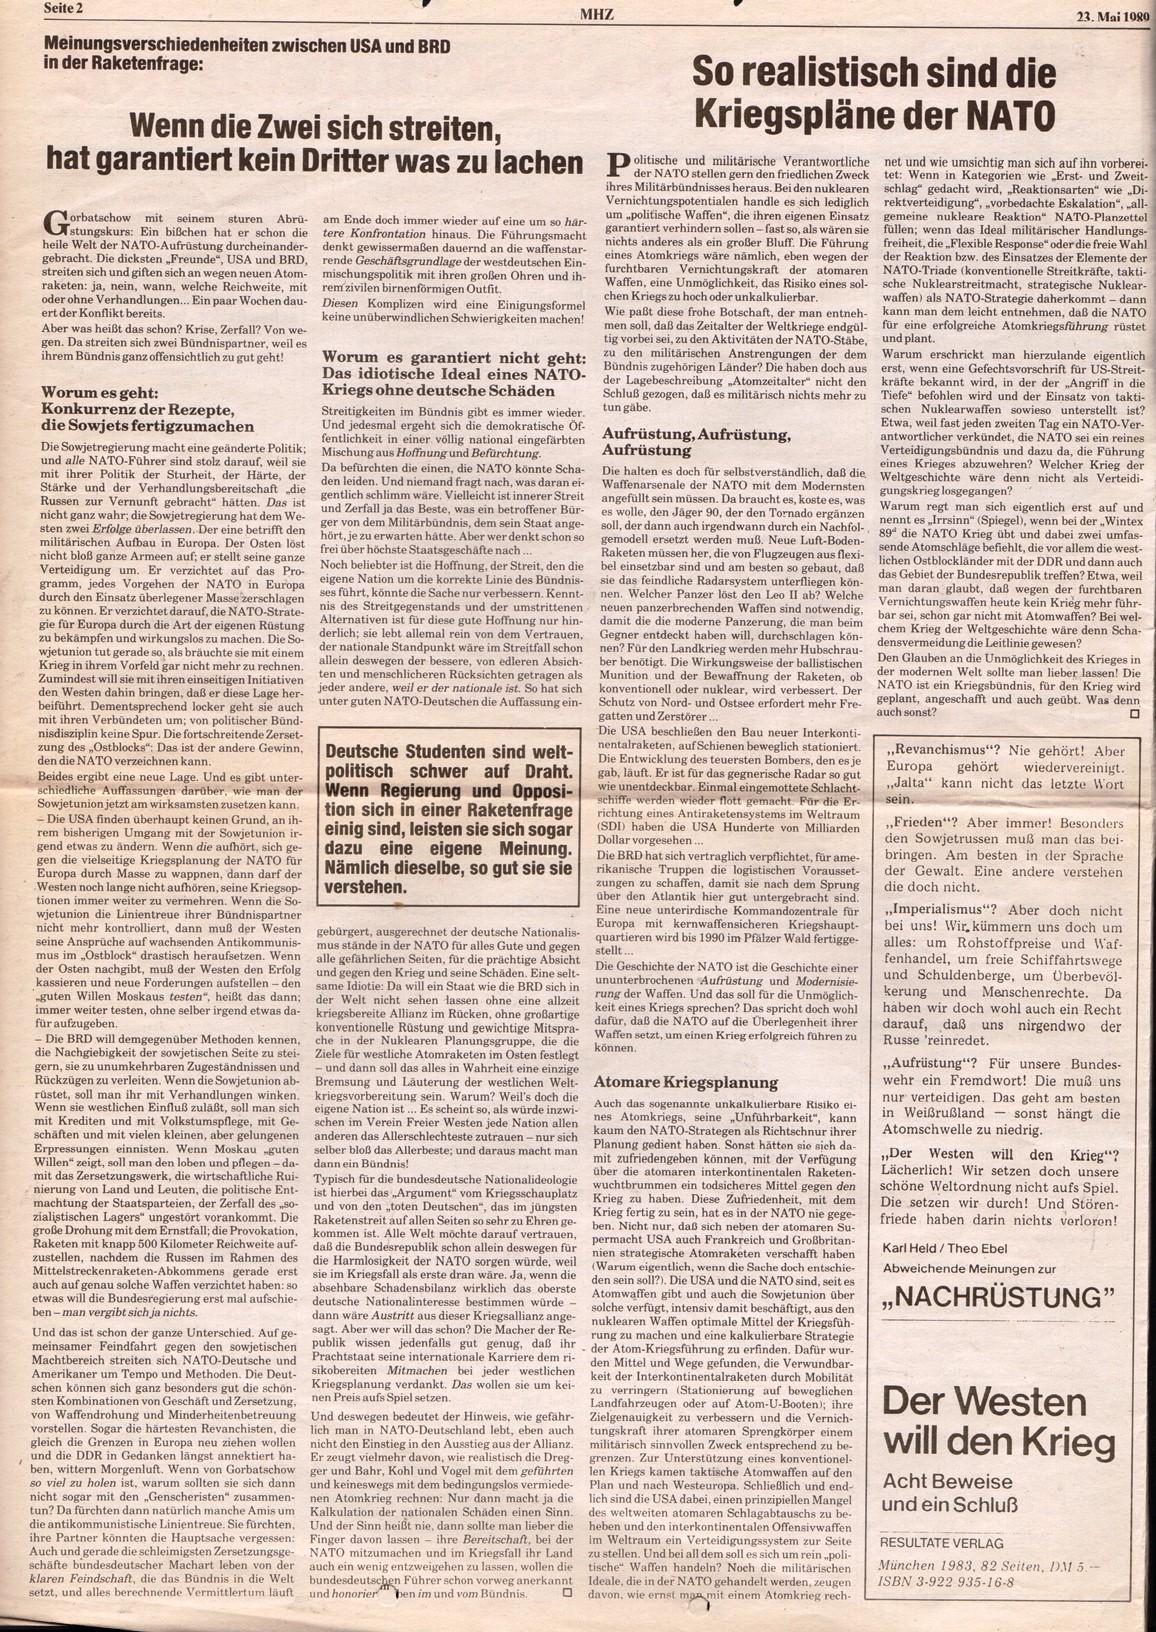 Muenchen_MG_Hochschulzeitung_19890523_02